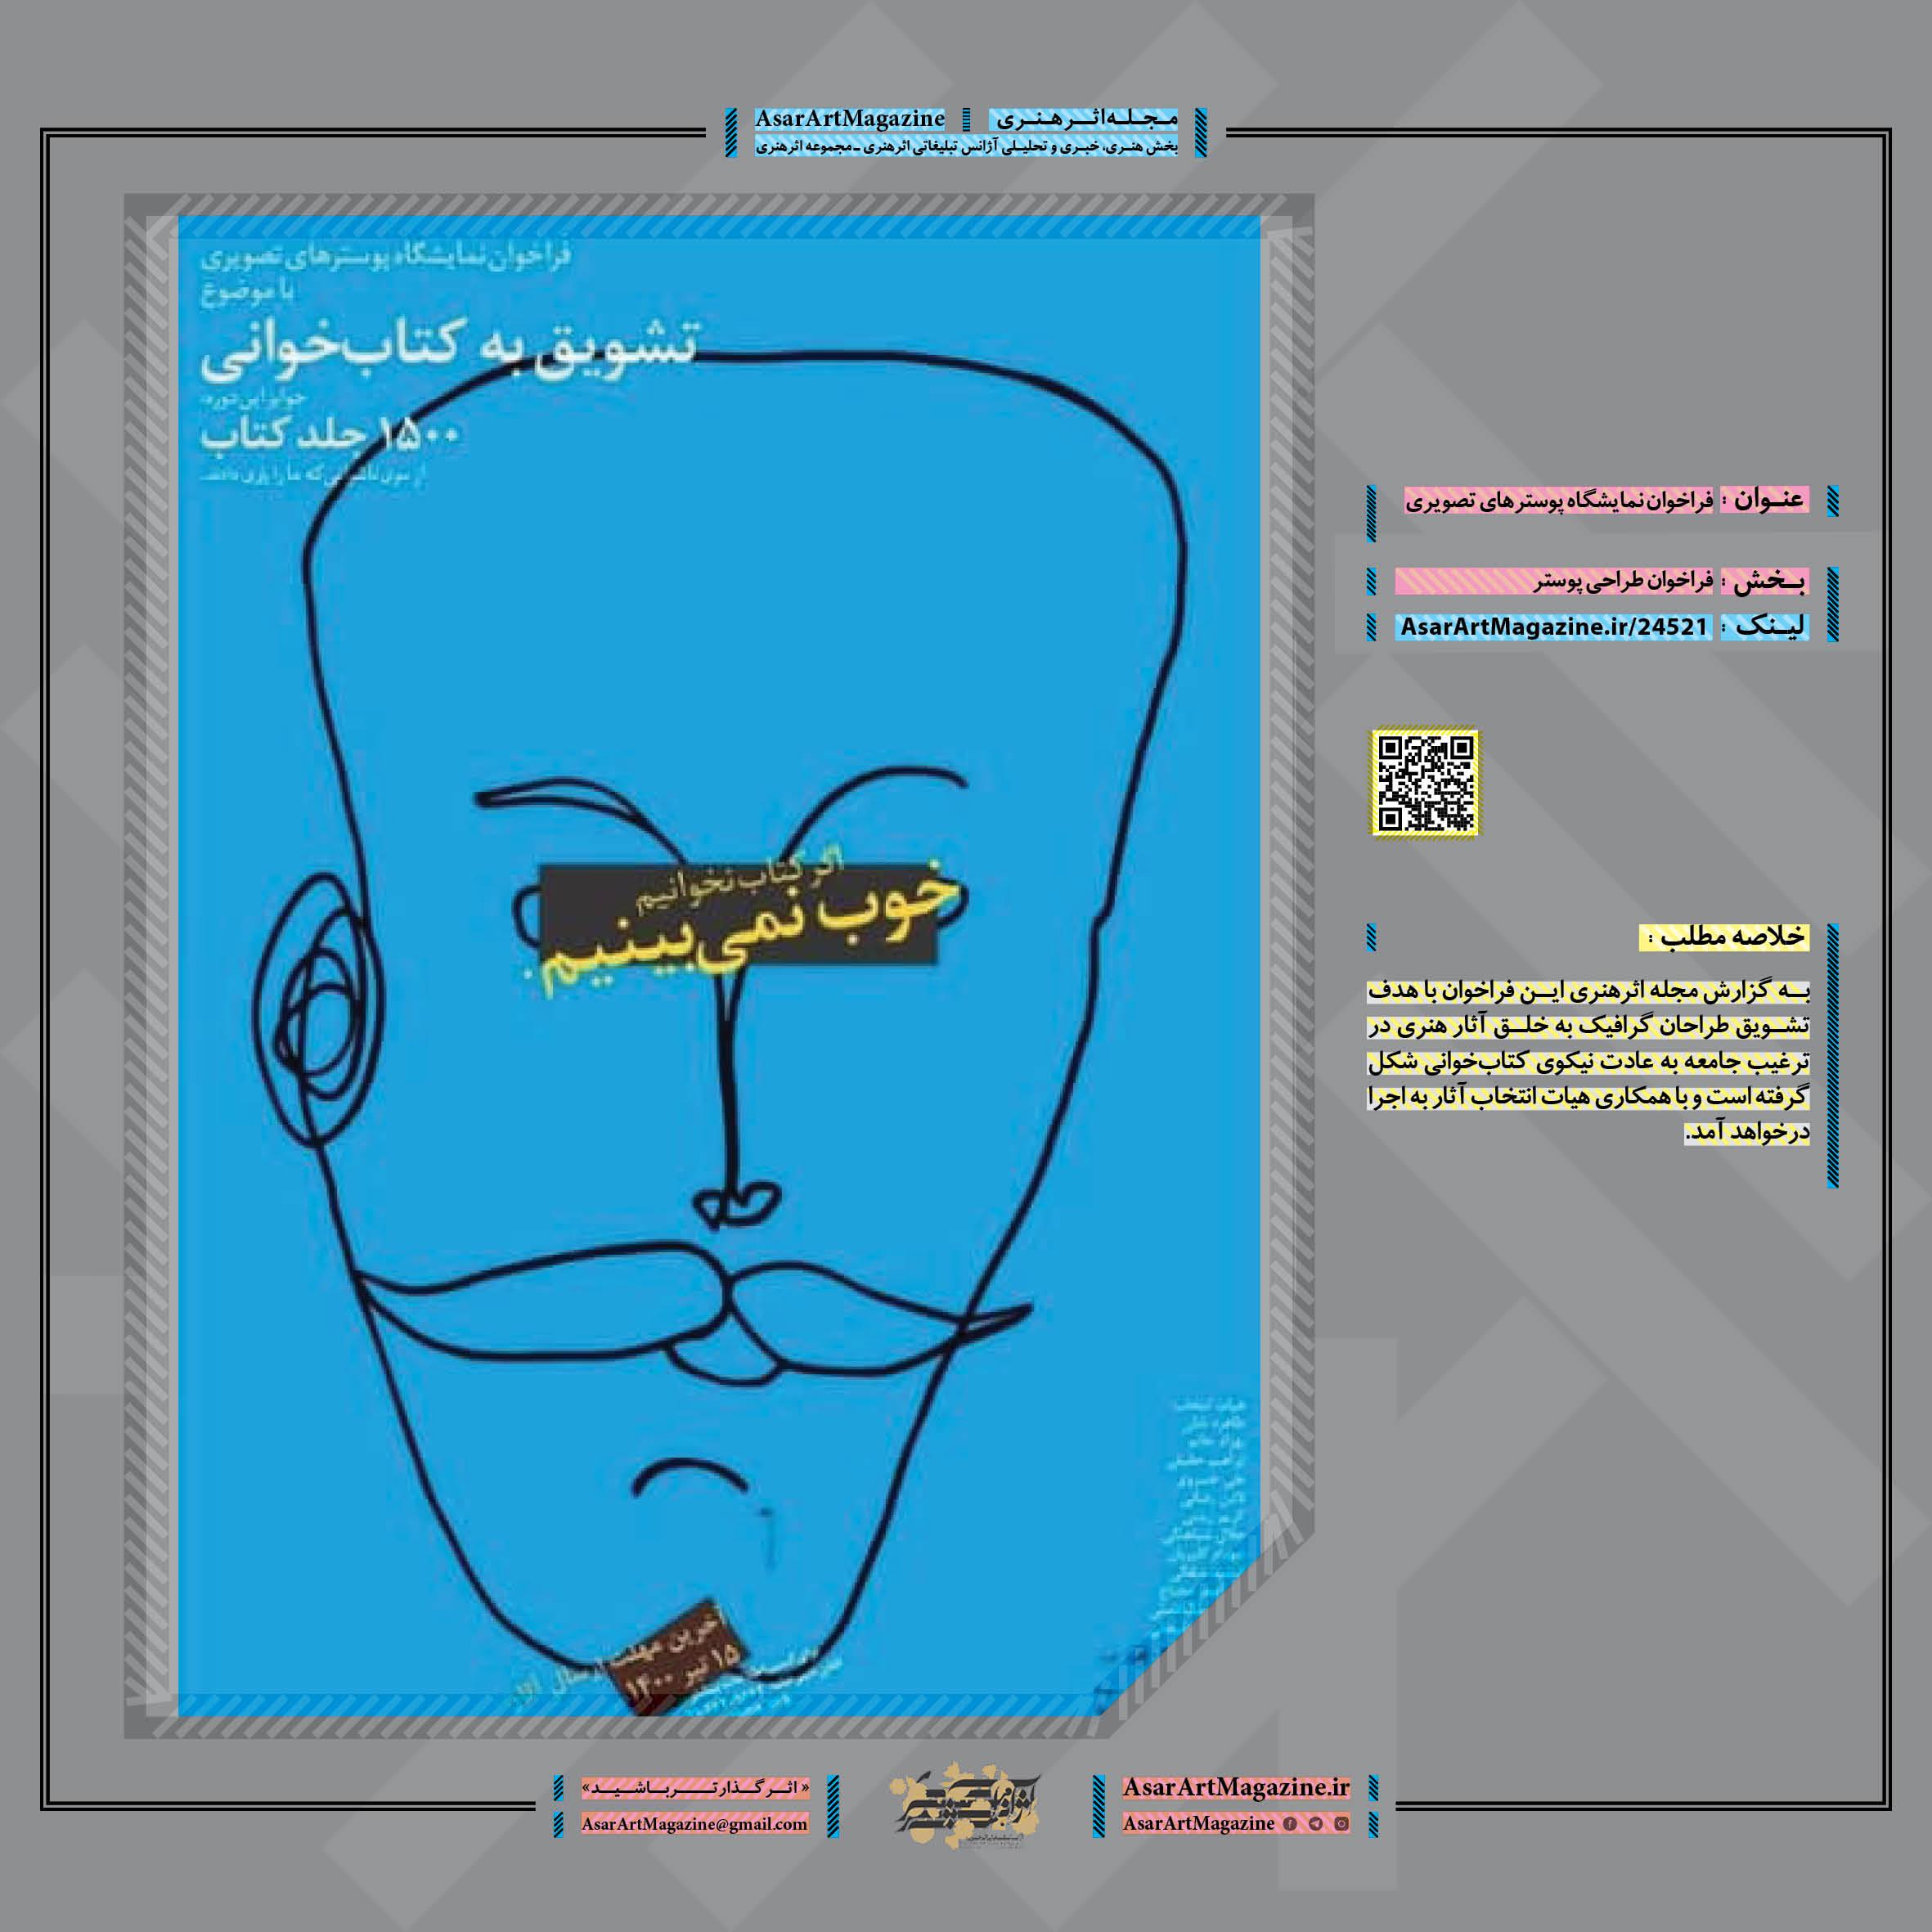 فراخوان نمایشگاه پوسترهای تصویری لینک : https://asarartmagazine.ir/?p=24521👇 سایت : AsarArtMagazine.ir اینستاگرام : instagram.com/AsarArtMagazine تلگرام :  t.me/AsarArtMagazine 👆